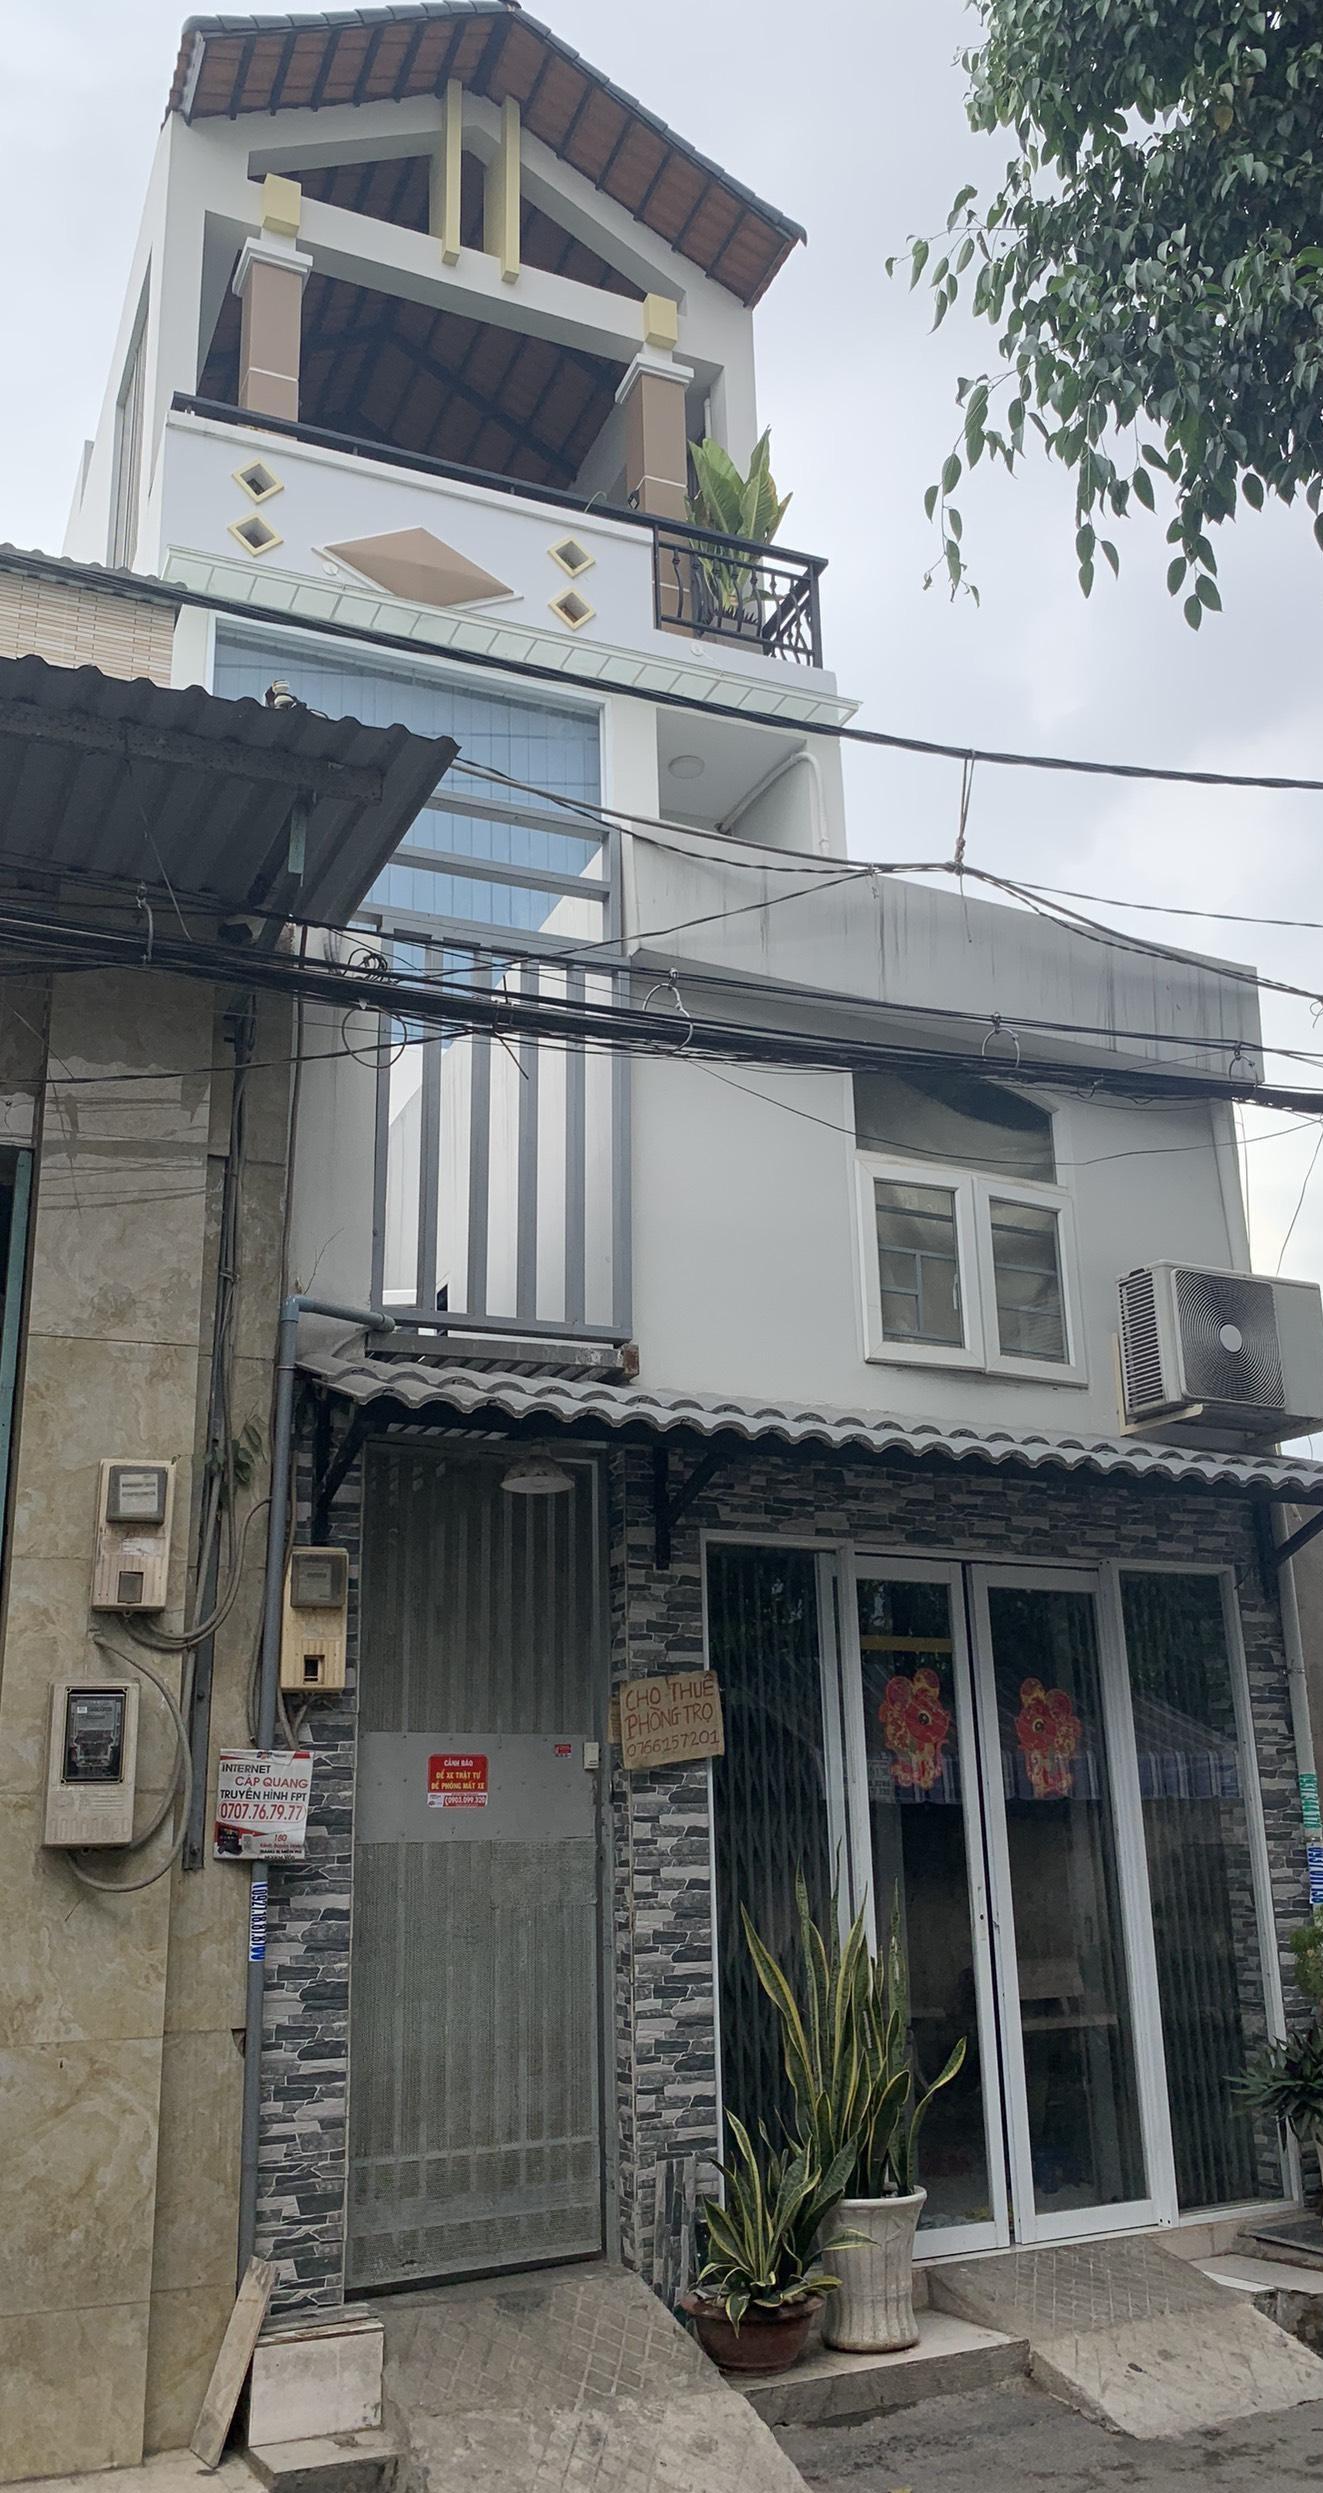 Bán nhà Khu Kiều Đàm Phường Tân Hưng Quận 7, giá chỉ 11,5 tỷ, Liên Hệ: 0909 837 449